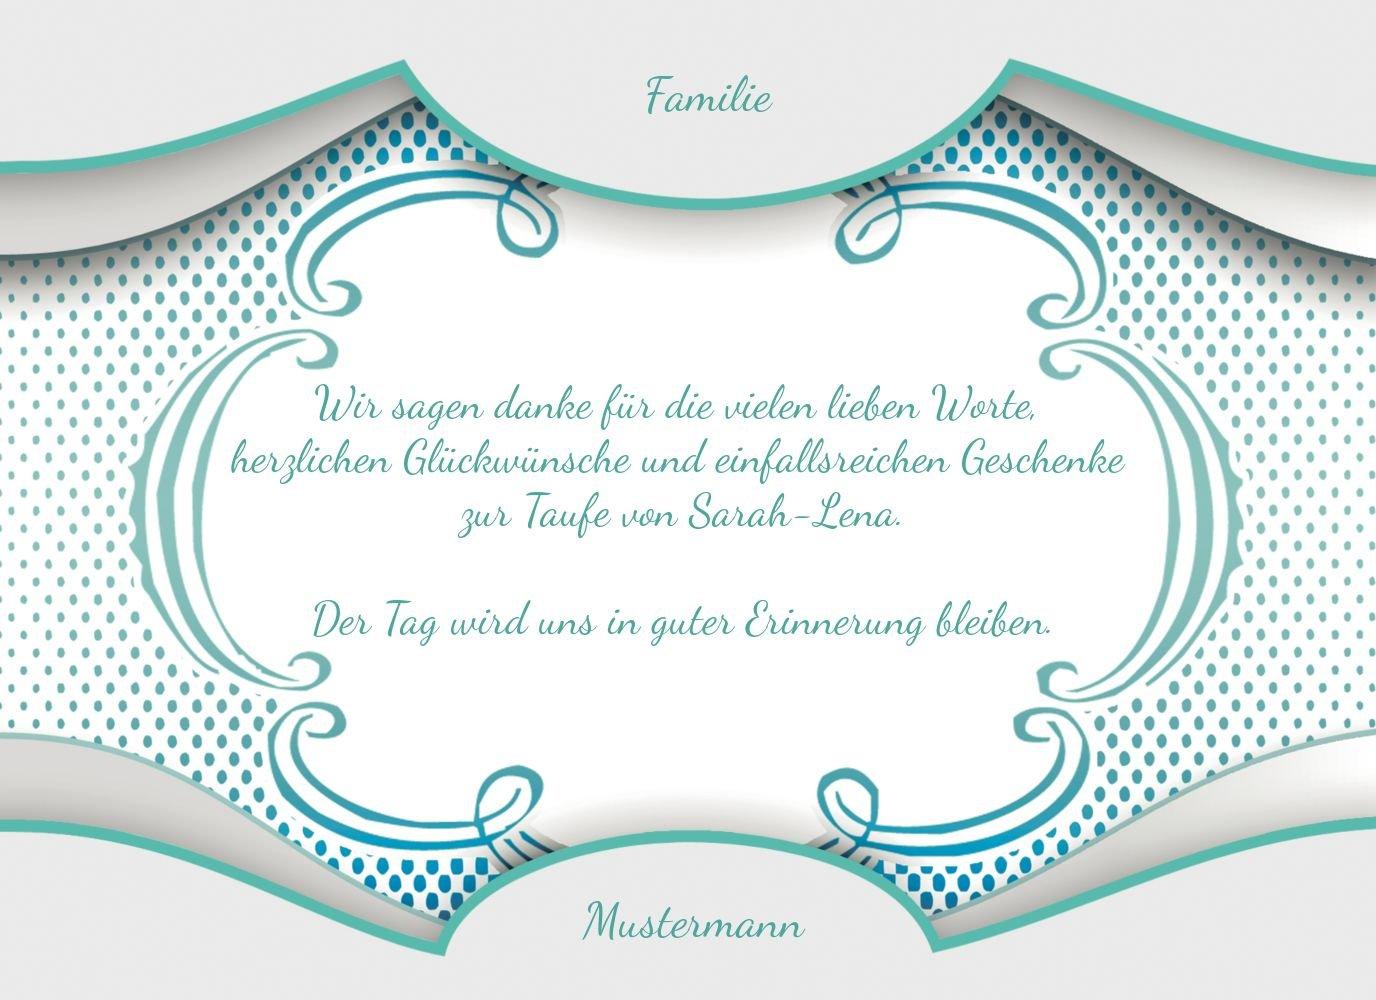 Kartenparadies Dankeskarte Taufe Taufe Dankes Schale & & & Rahmen, hochwertige Danksagung für Taufgeschenke inklusive Umschläge   10 Karten - (Format  148x105 mm) Farbe  Matschgrün B01N39UJC9 | Günstige  | Neues Design  | Feine Verarbeitung  0d1cf8